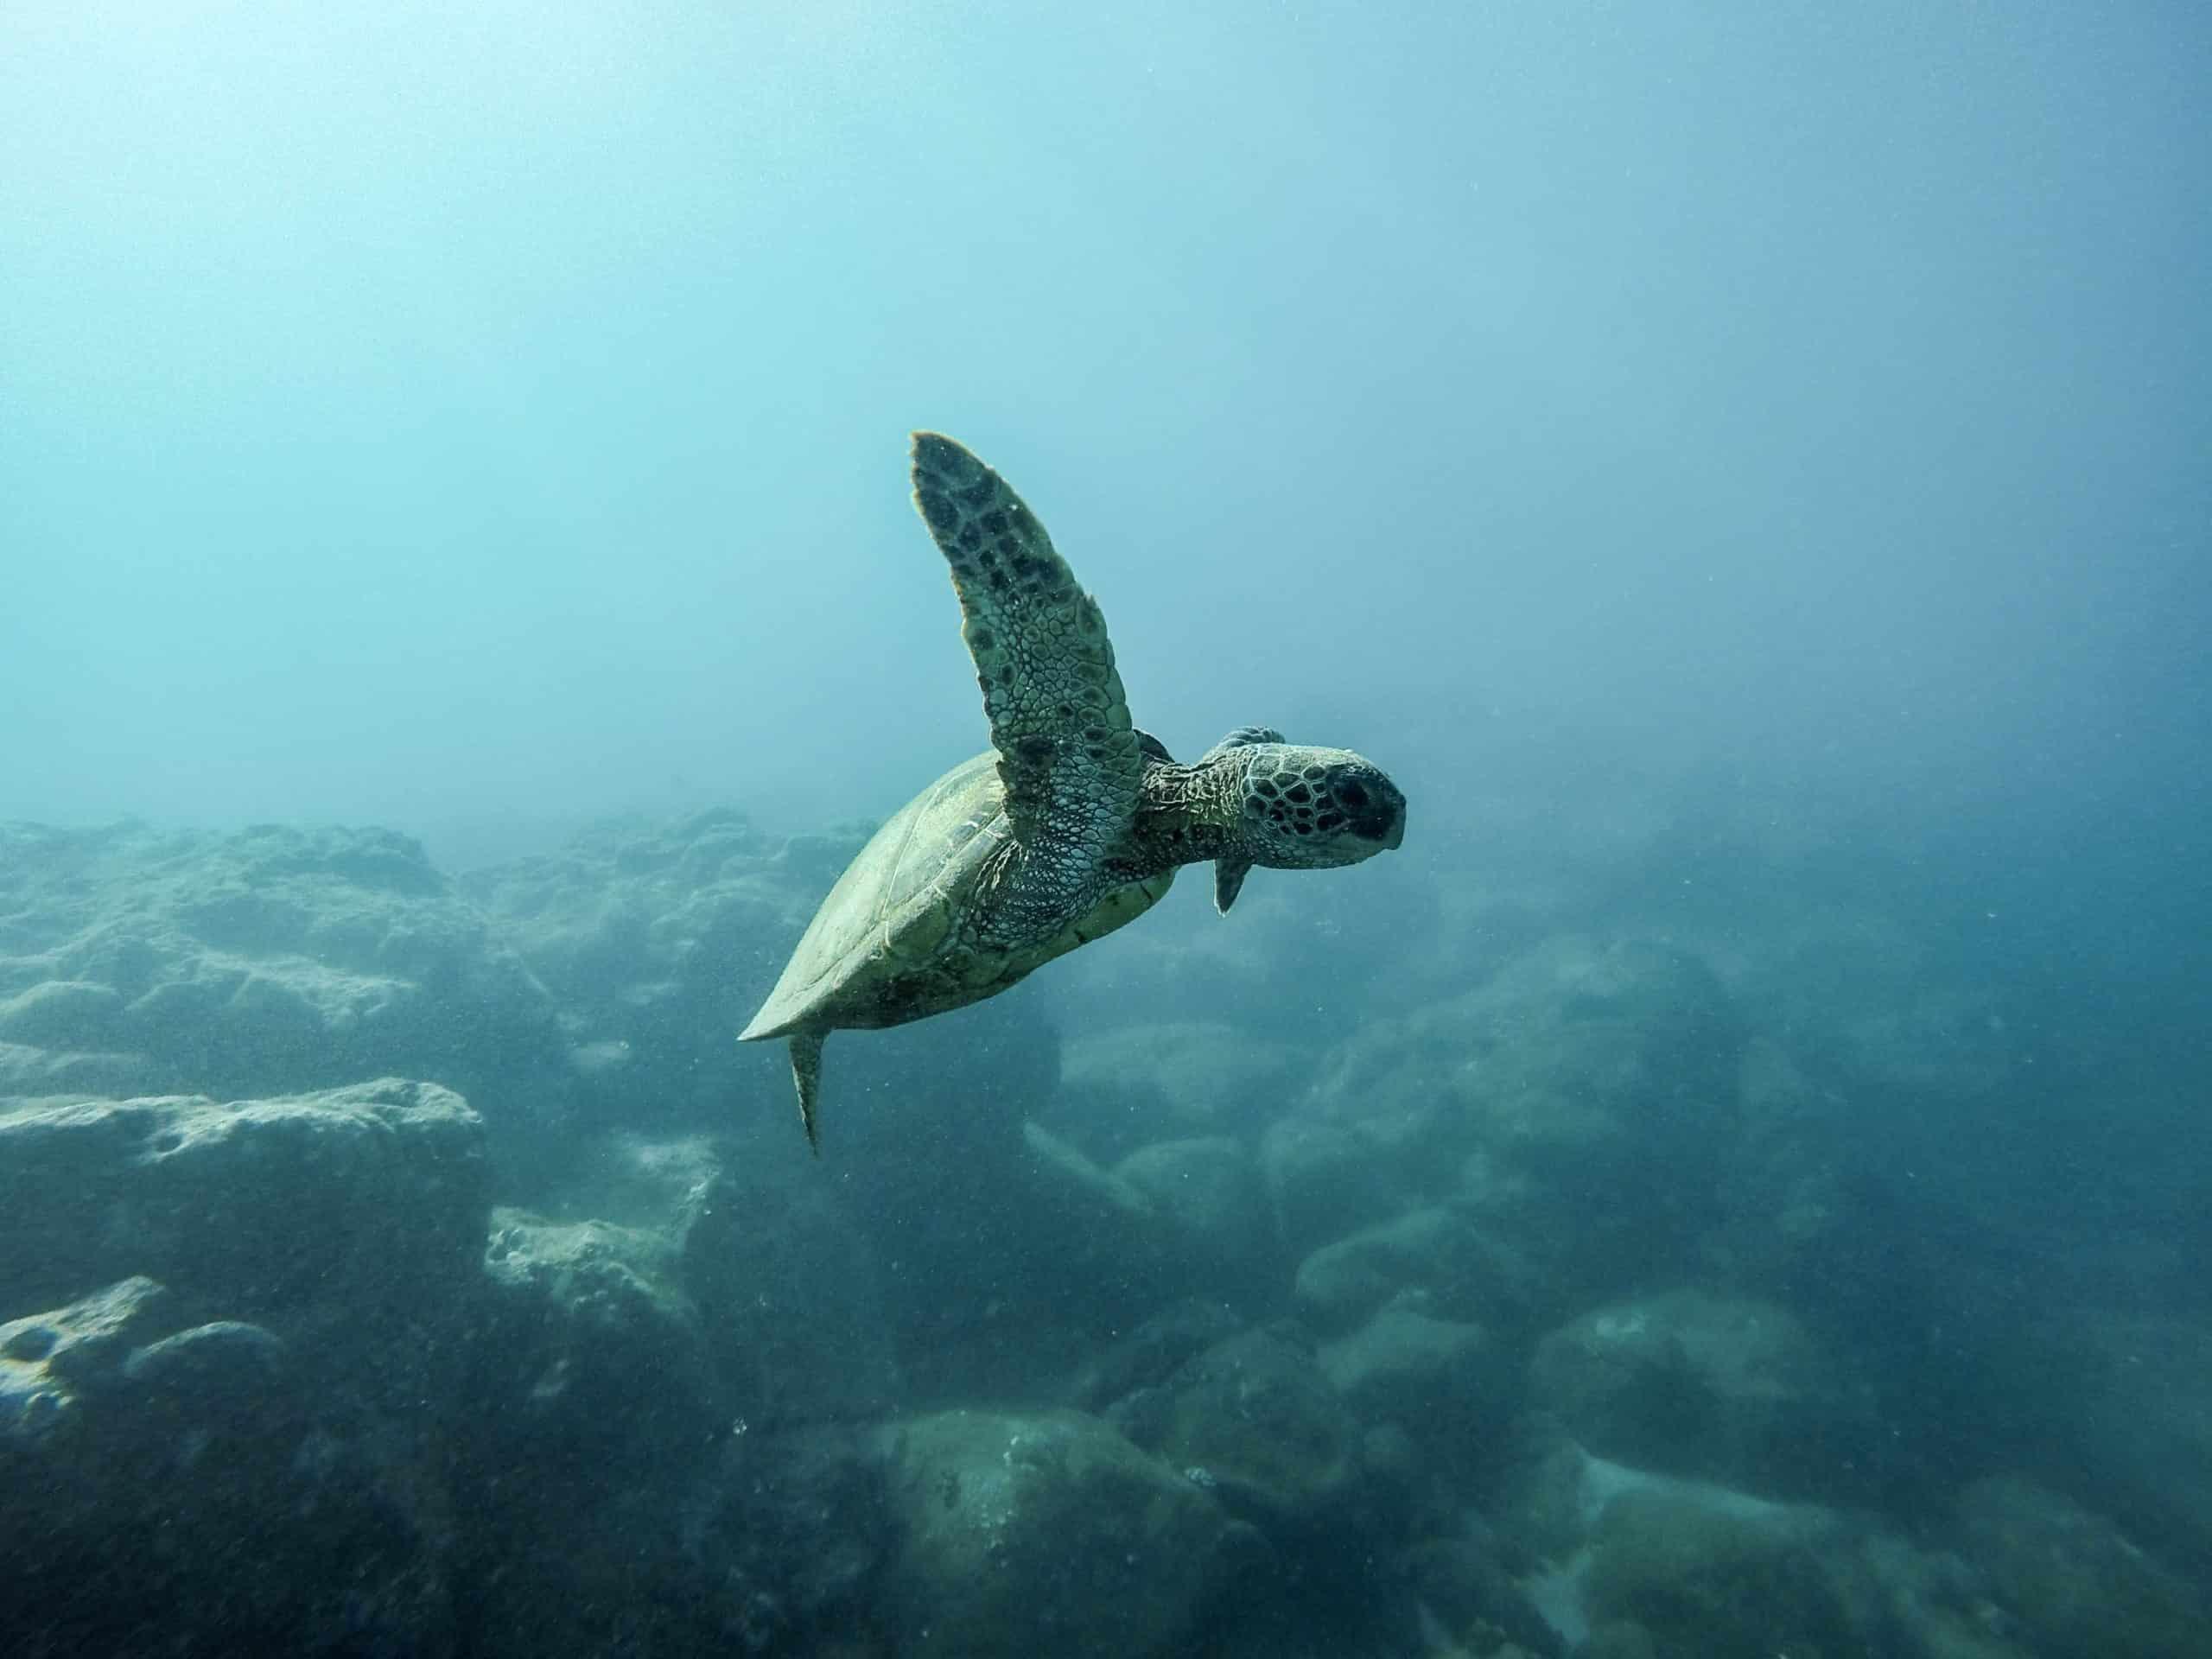 Peps océan écologique et solidaire nextsee